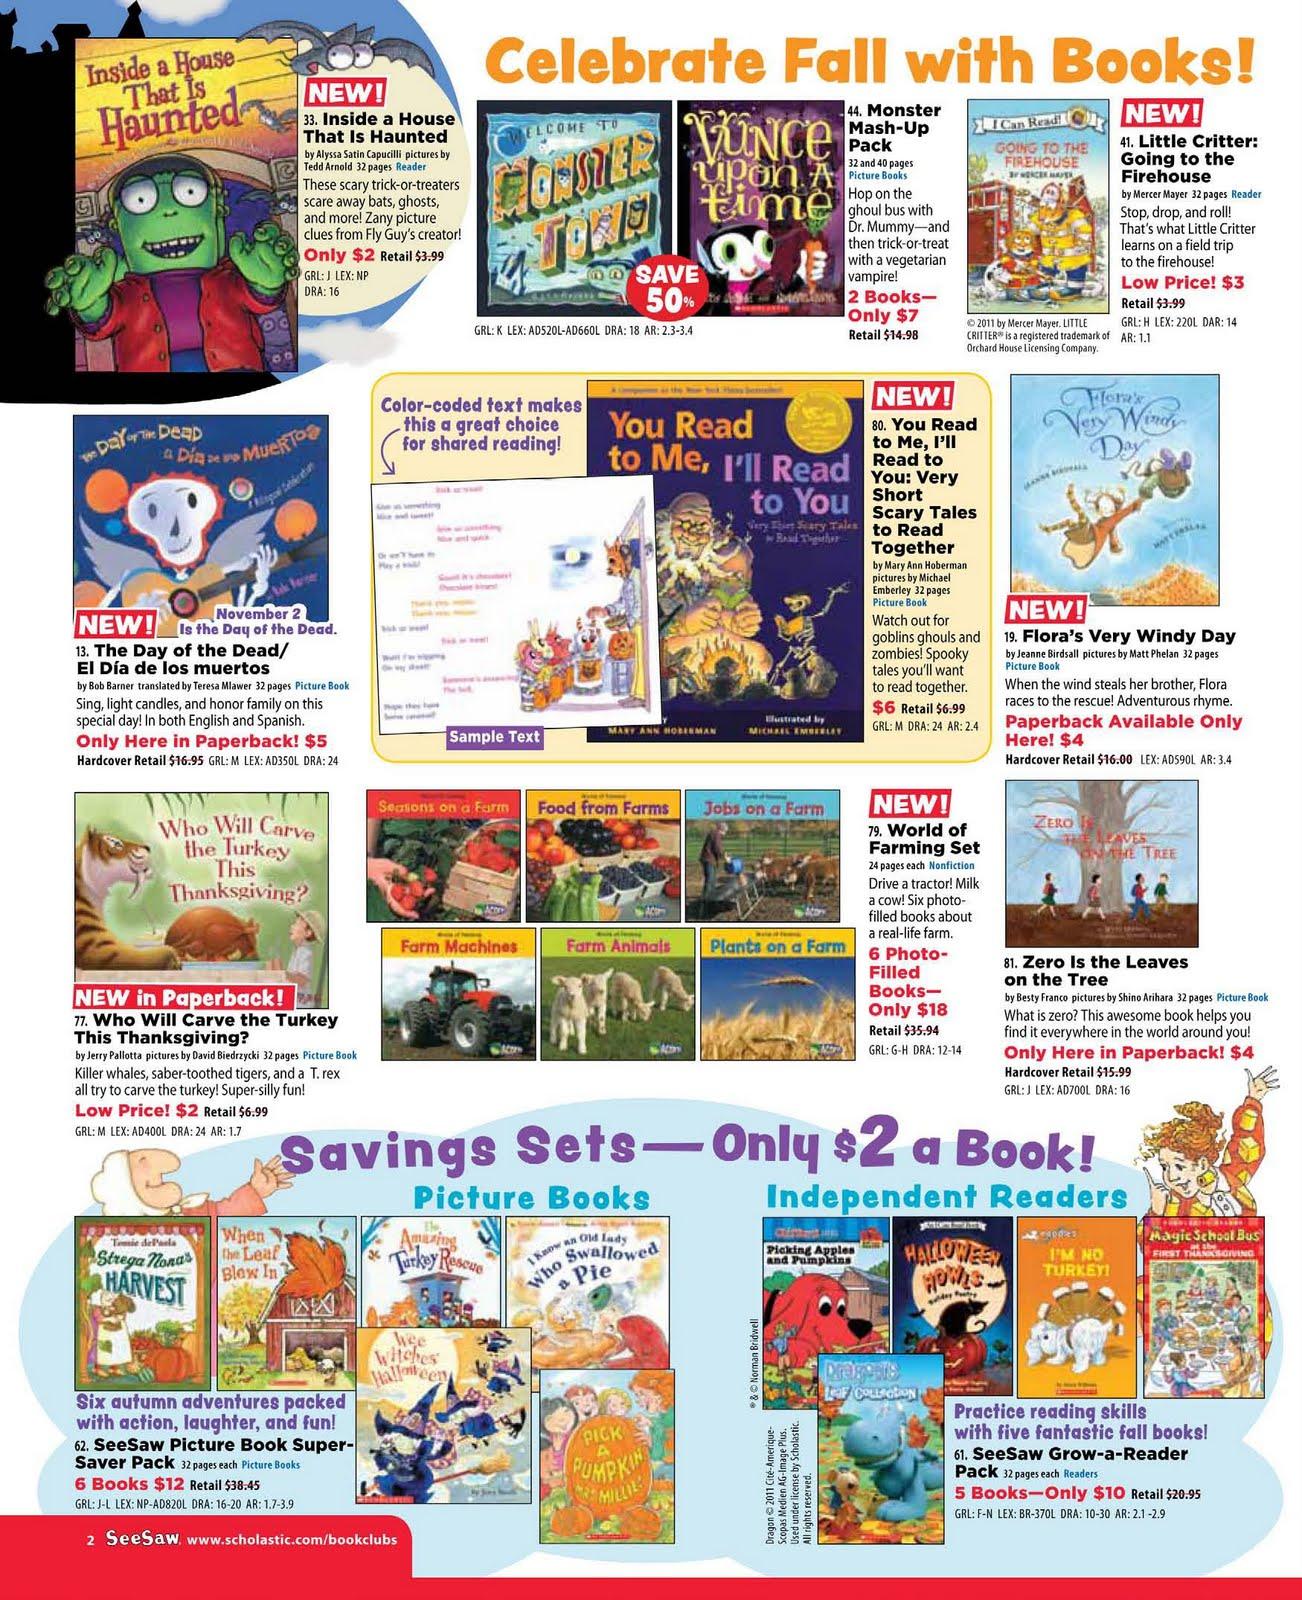 2006 scholastic entertainment inc web site copyright - 2006 Scholastic Entertainment Inc Web Site Copyright 6